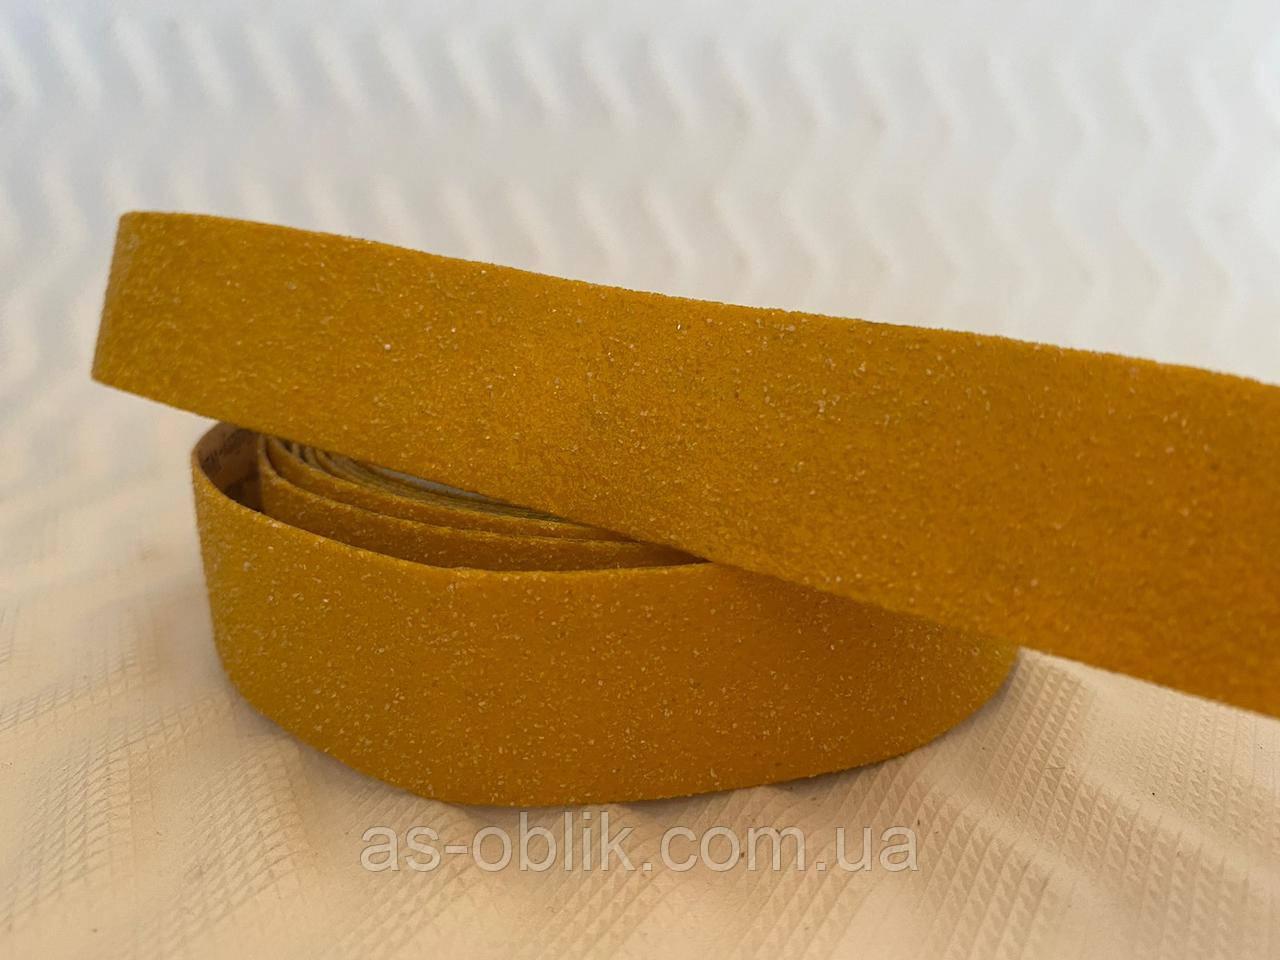 Антиковзка сигнальна стрічка на щаблі 25мм жовта